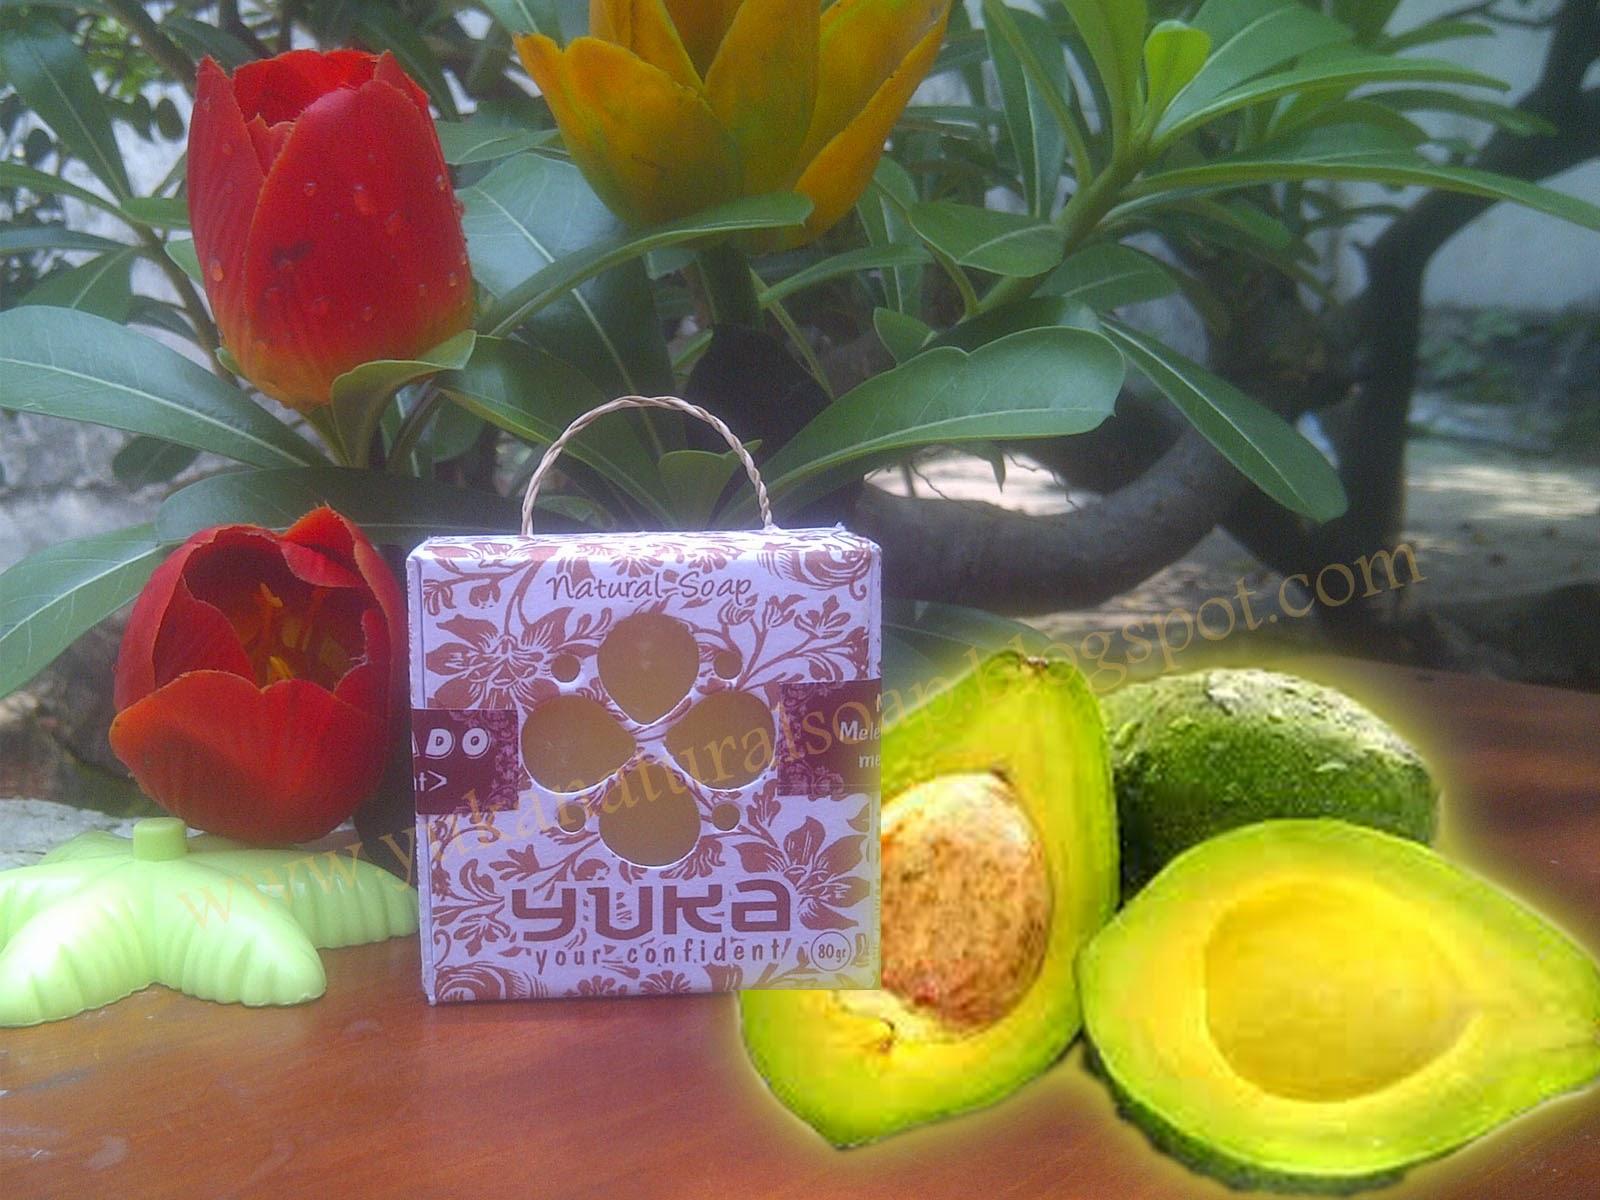 Sabun Yuka Herbal Muka 100 Alami Non Alkhohol Kesehatan Detergent Avocado Alpukat